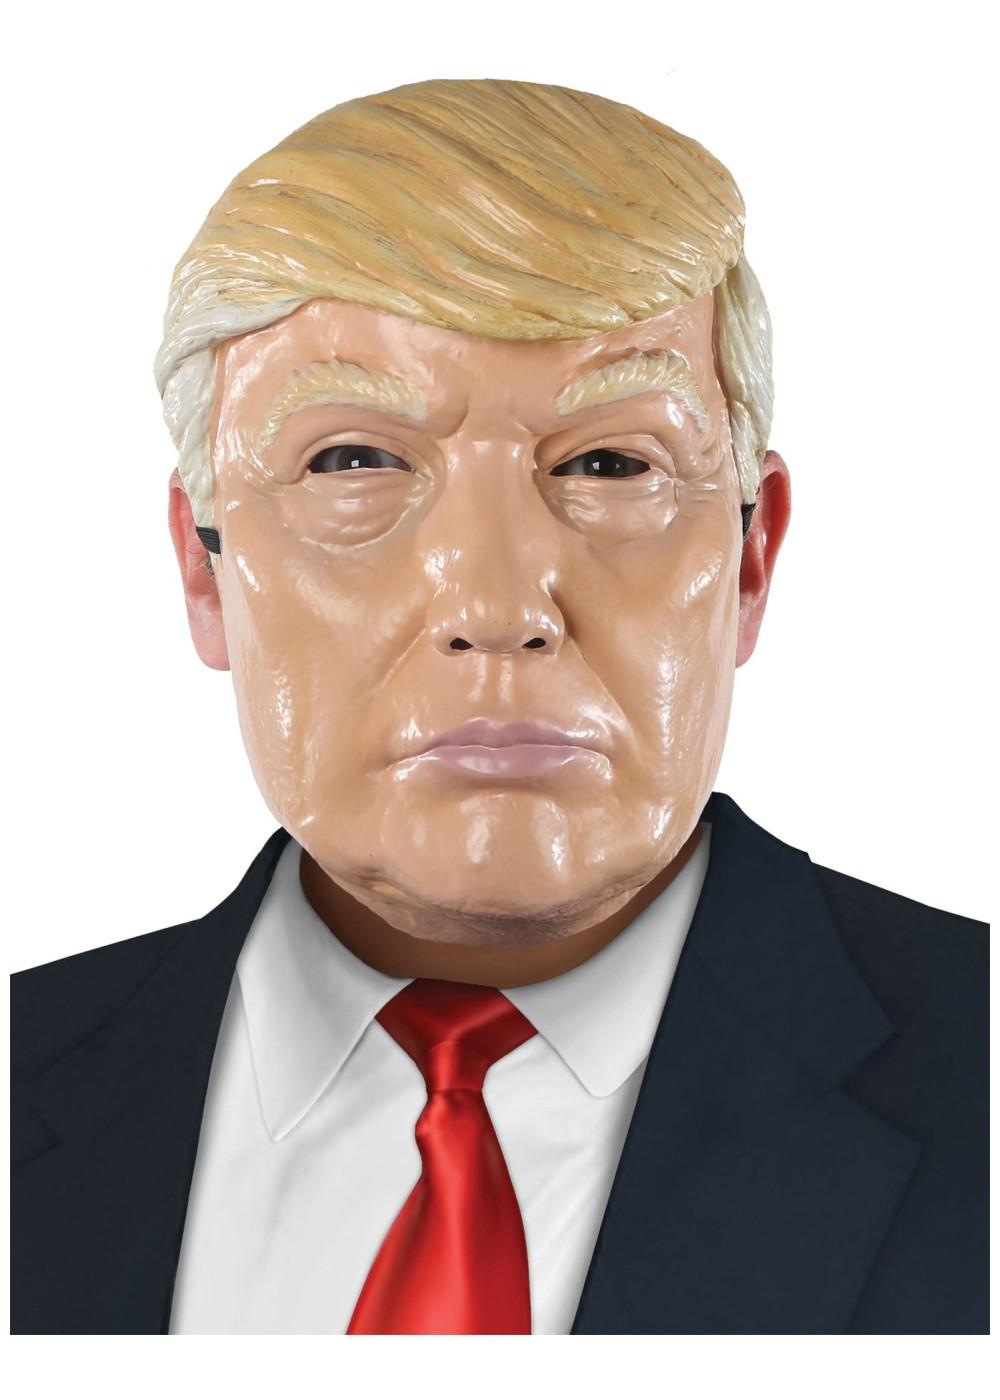 Plastic Donald Trump Mask